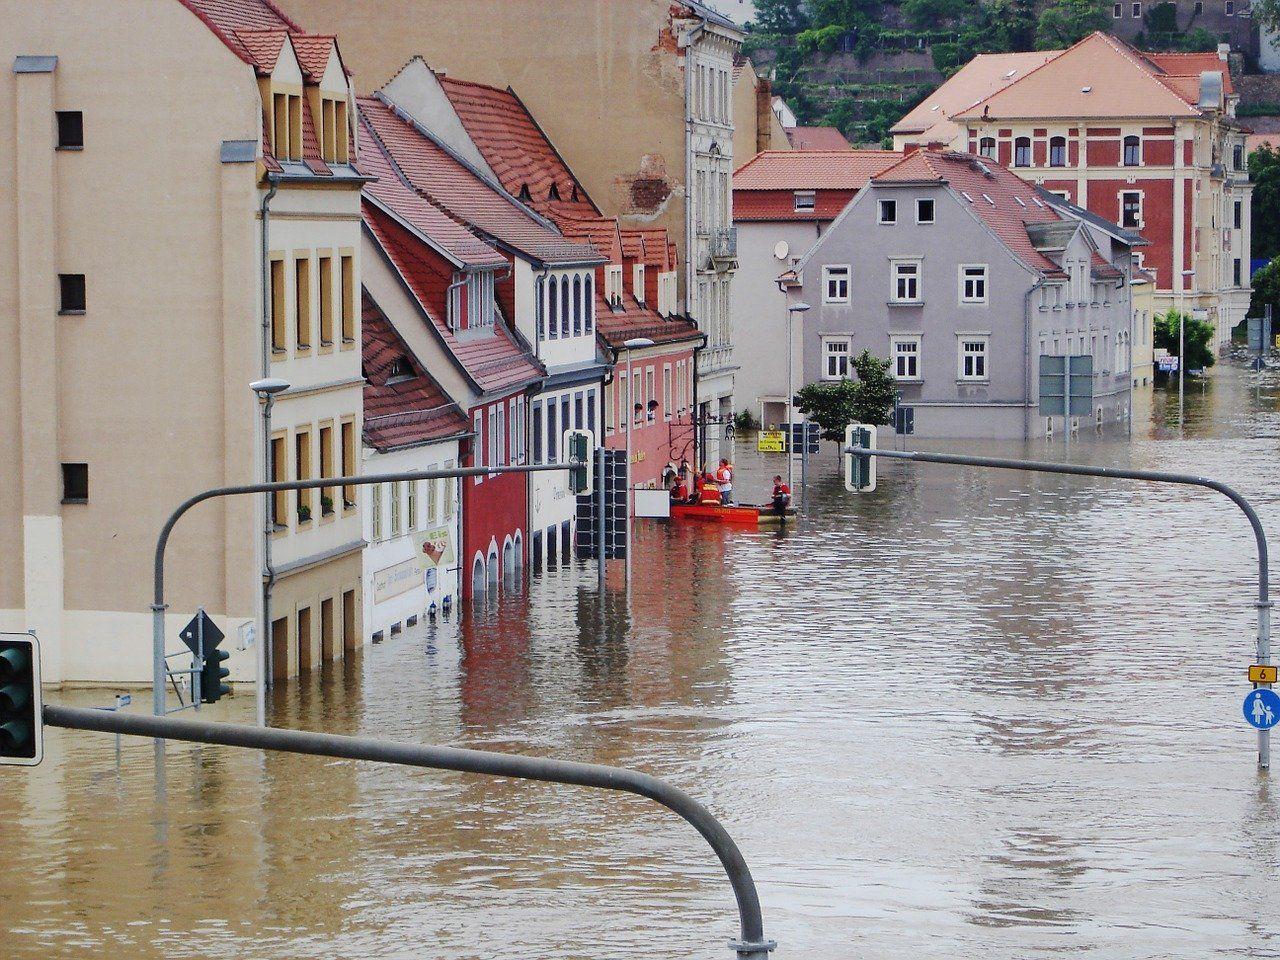 Überschwemmte Straße bei Hochwasser der Elbe